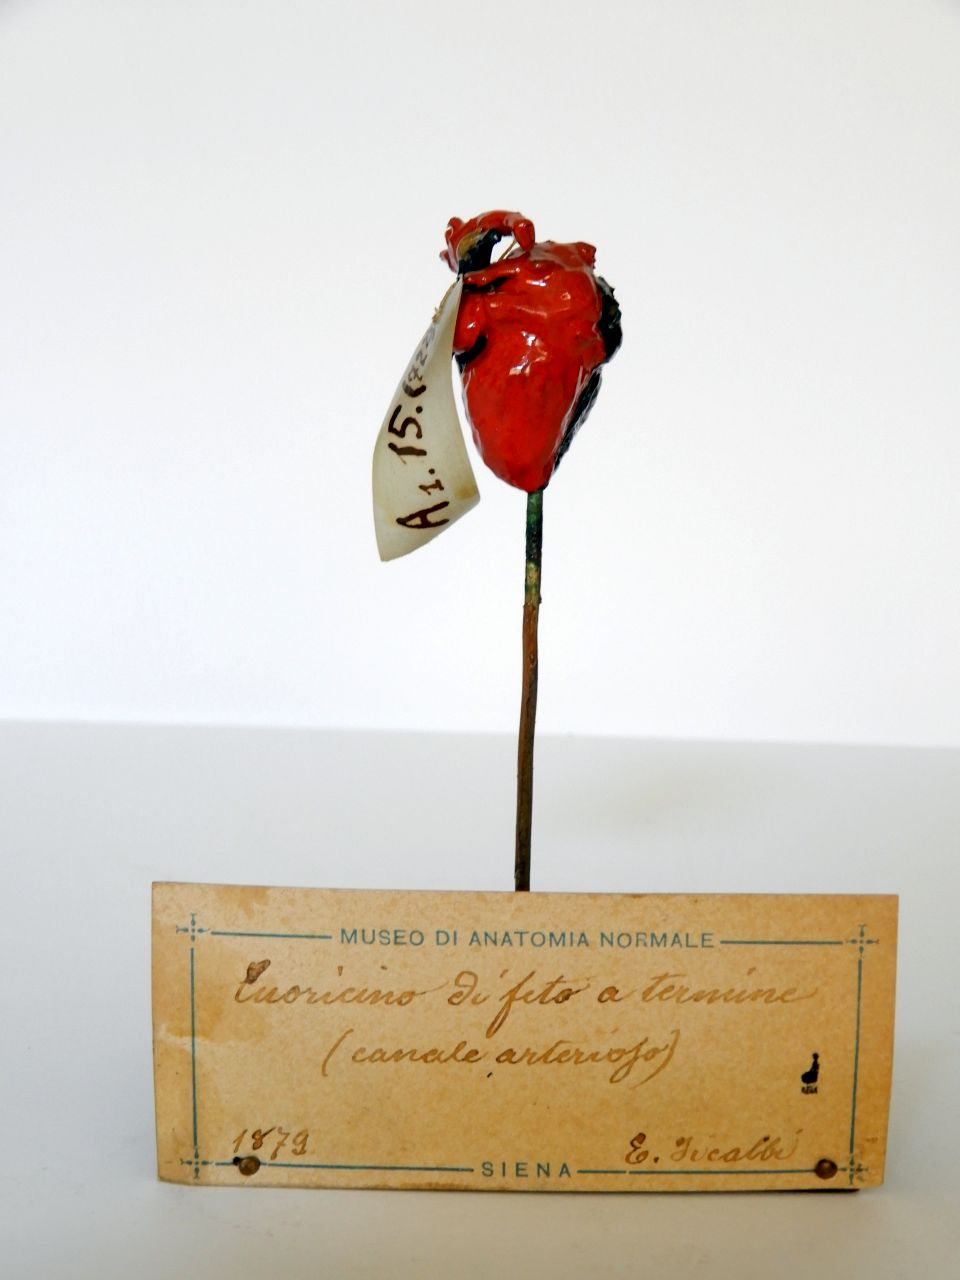 singolo reperto antropologico, cuore di feto (morfologia/ struttura alterata post mortem per intervento antropico, trattato e colorato) (XIX, ultimo quarto)